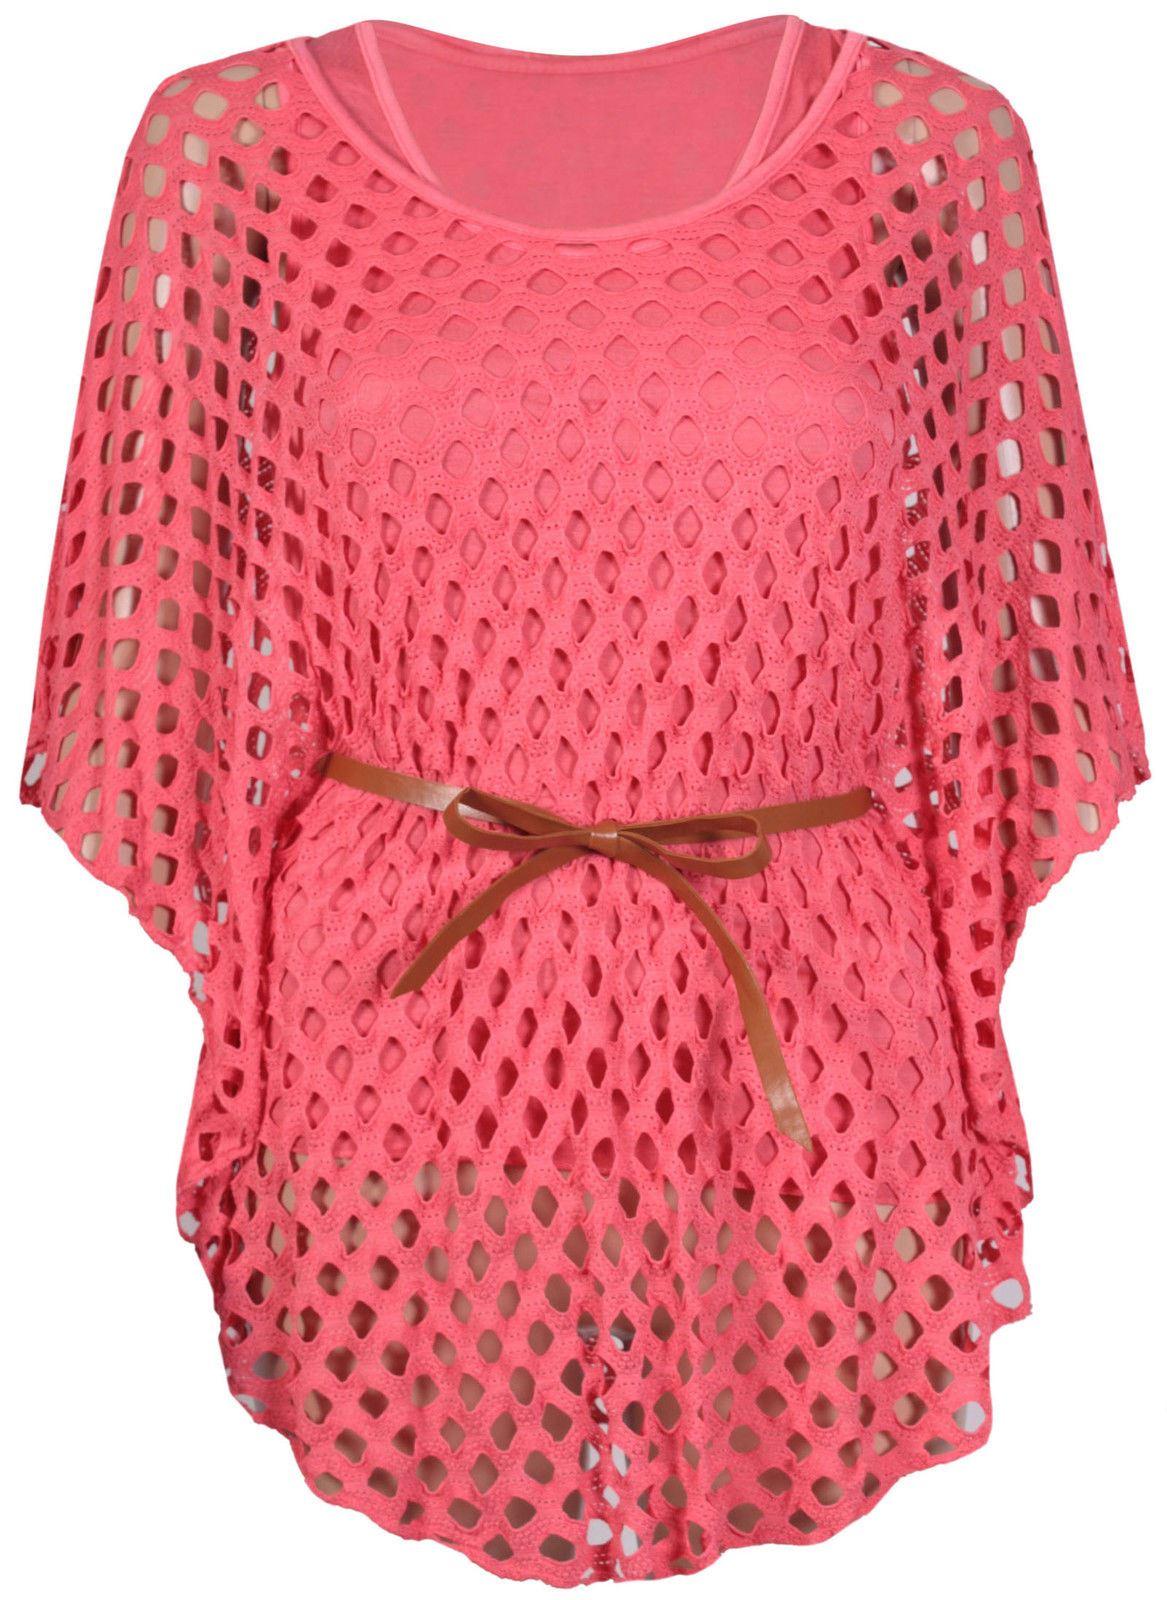 Nouveau-Femme-Taille-Plus-chauve-souris-Manches-Crochet-Ceinture-Cravate-Maille-Debardeur-12-26 miniature 3